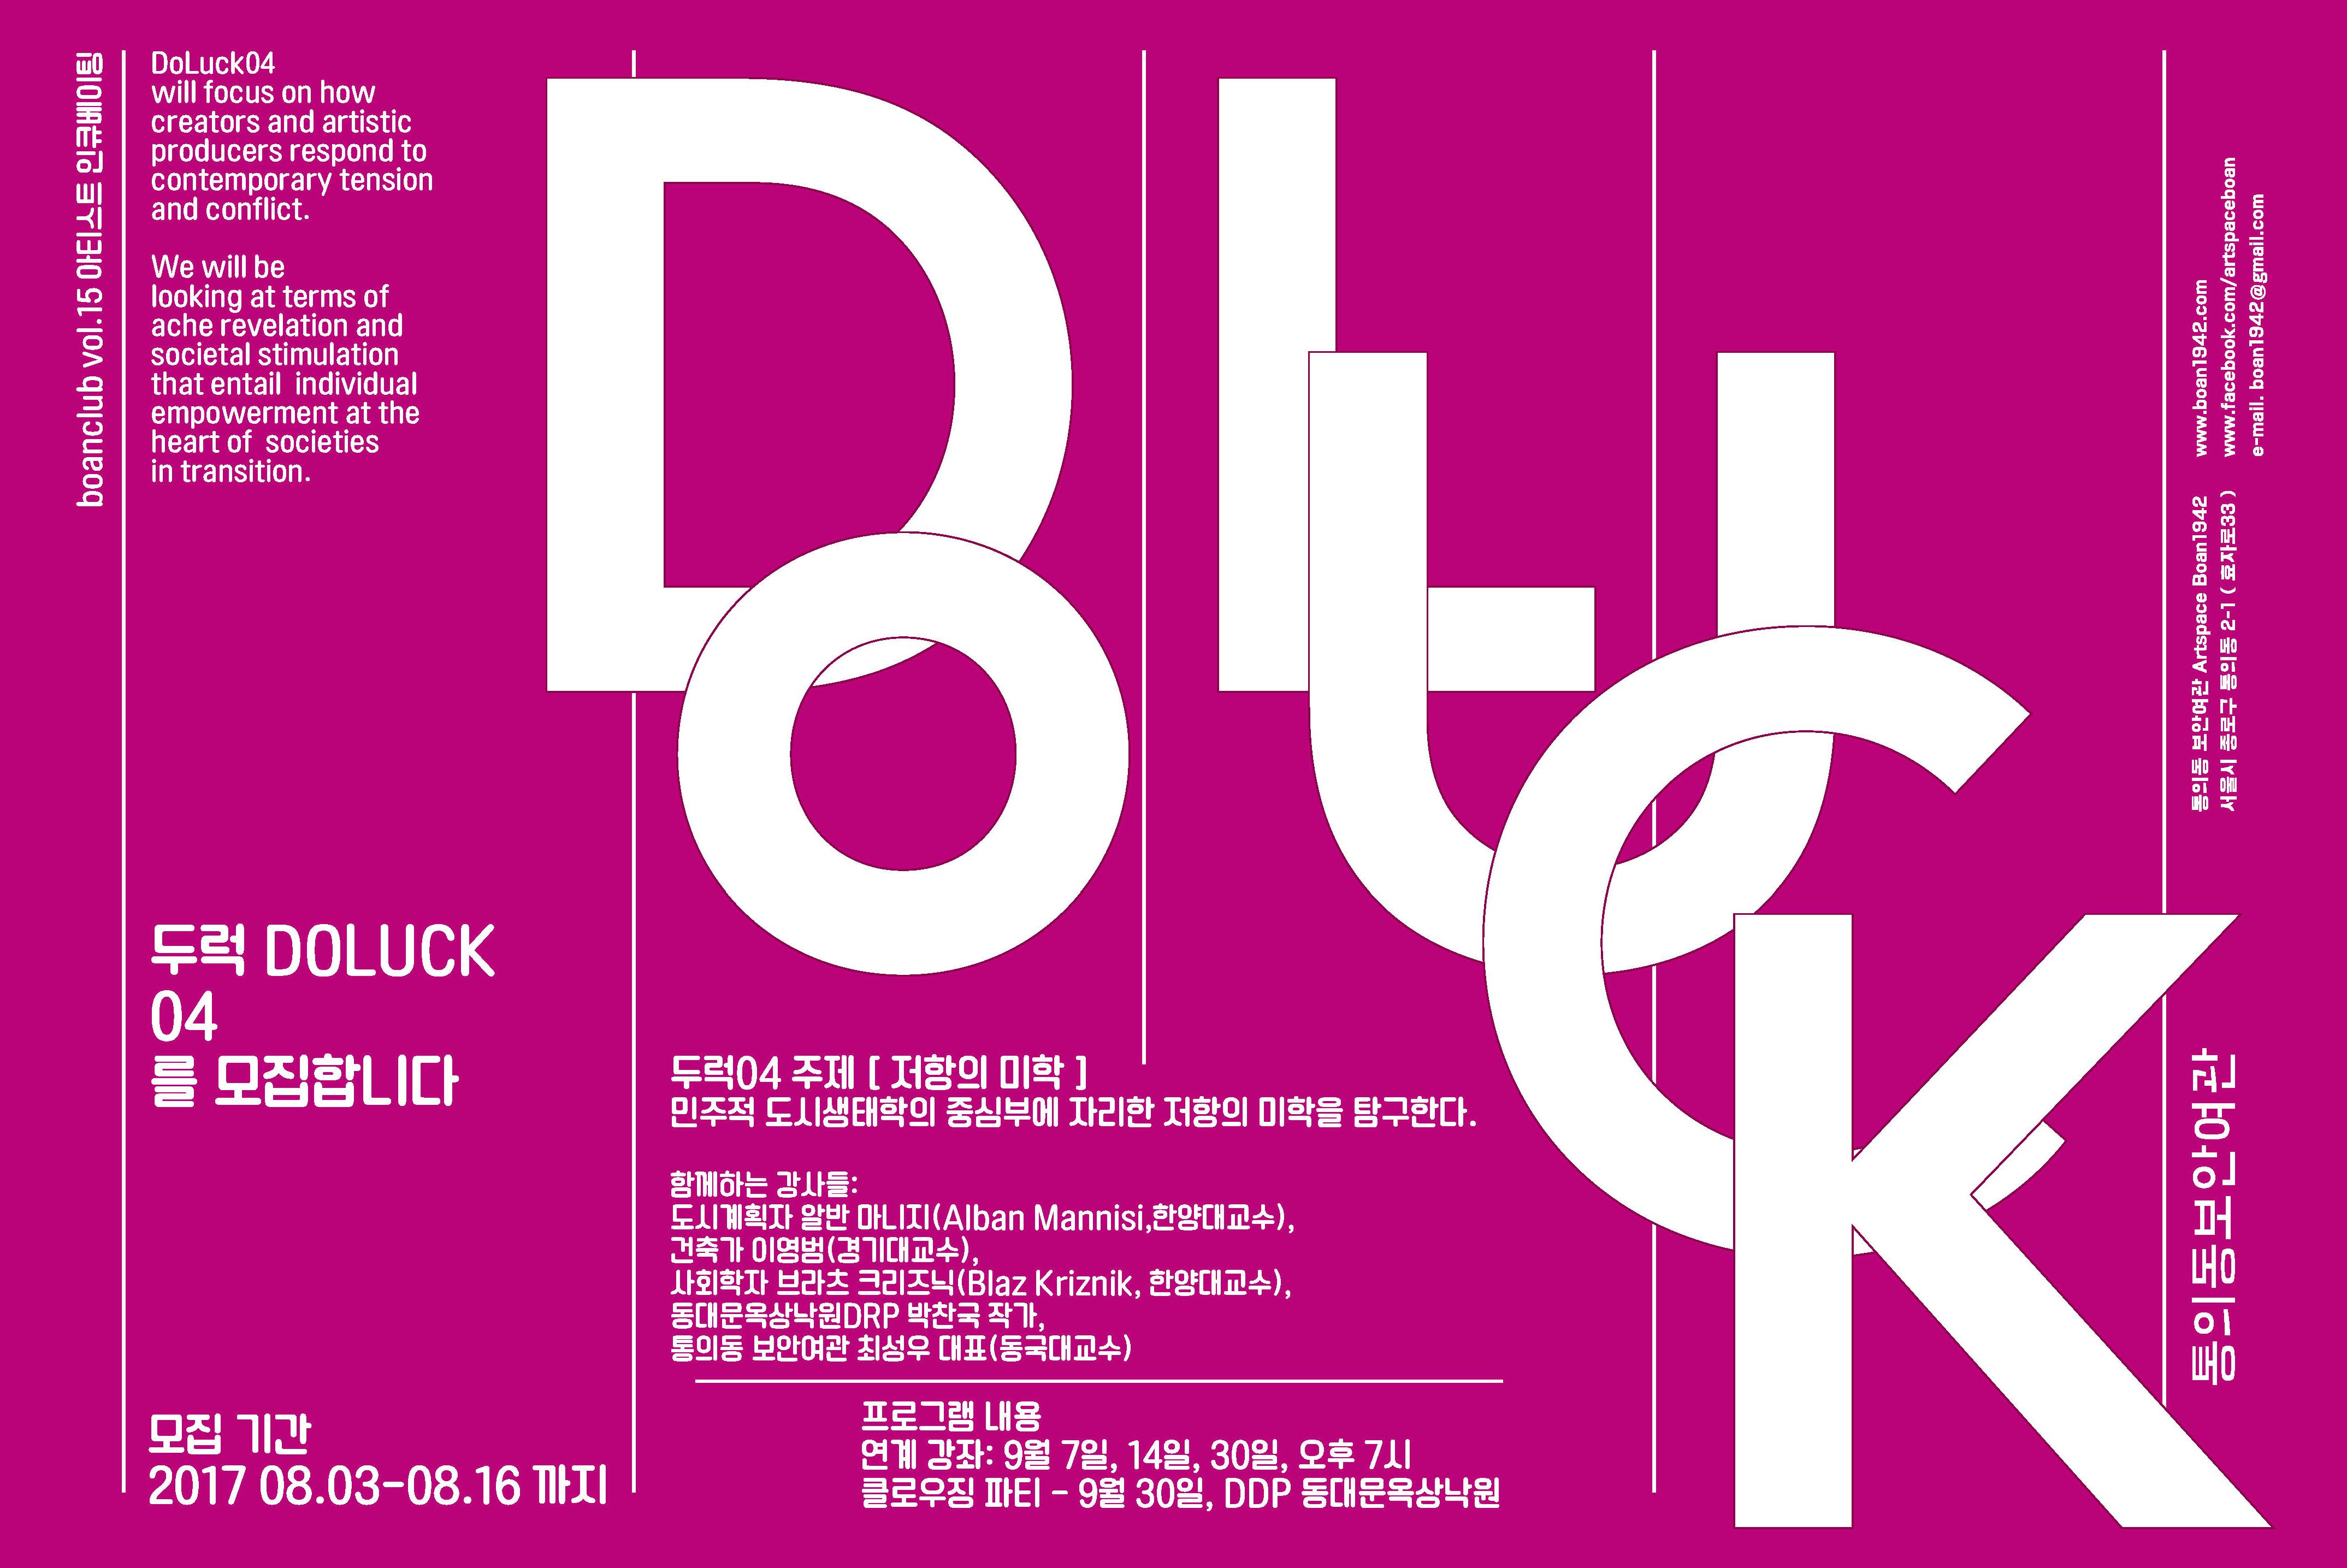 두럭04_포스터